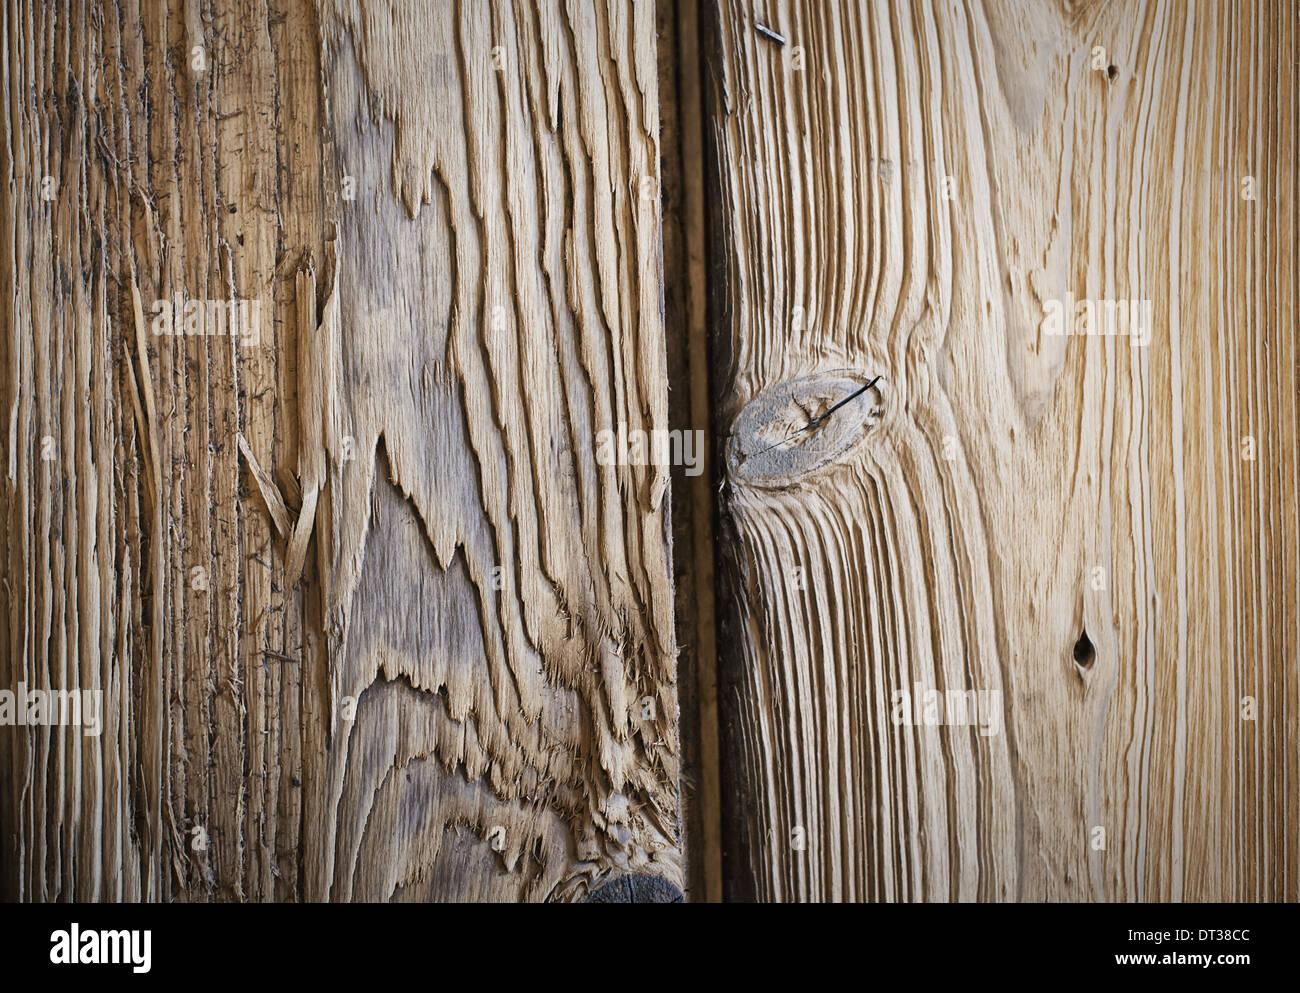 Atelier de bois d'une terre. Close up de deux planches de bois, avec des noeuds et du grain du bois. Photo Stock